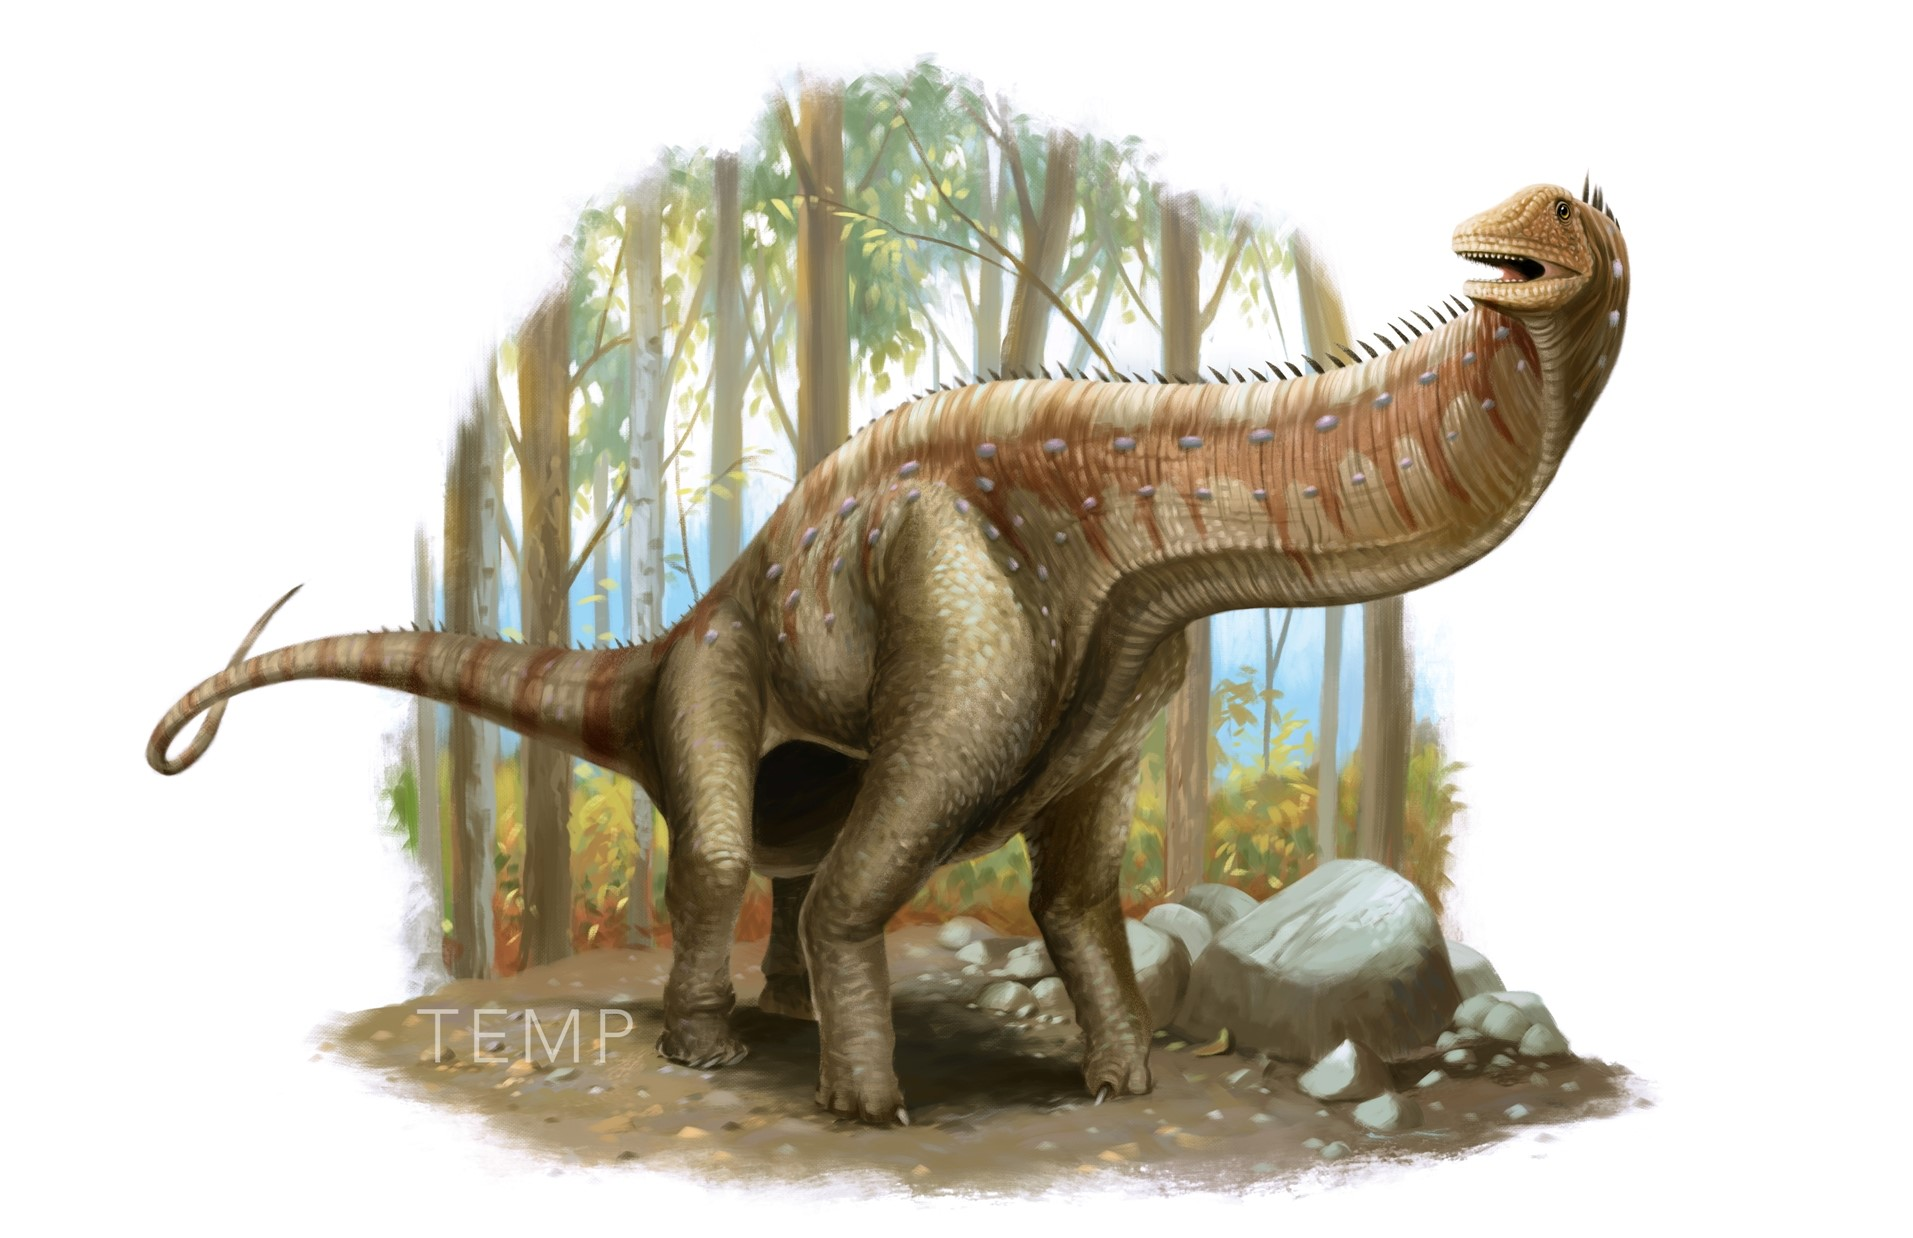 05 Isisaurus - Second Last.jpg